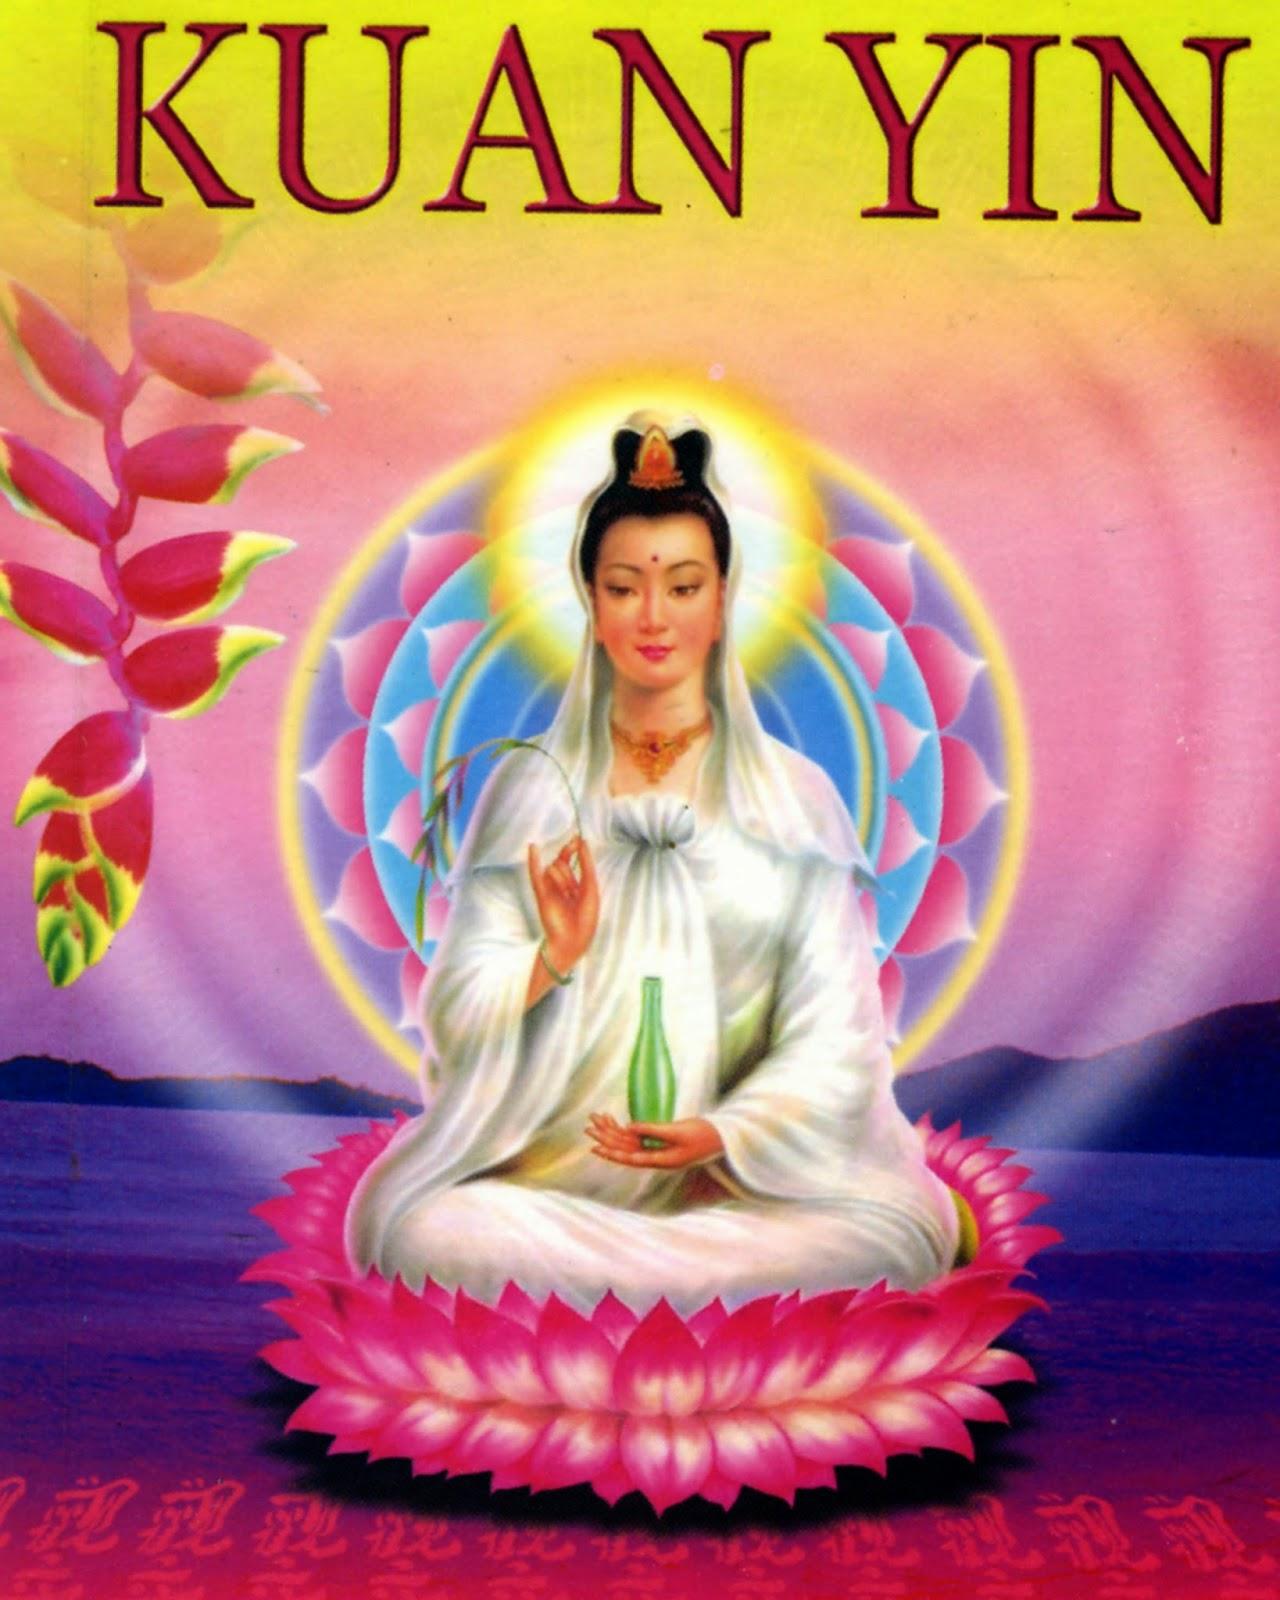 Kuan Yn